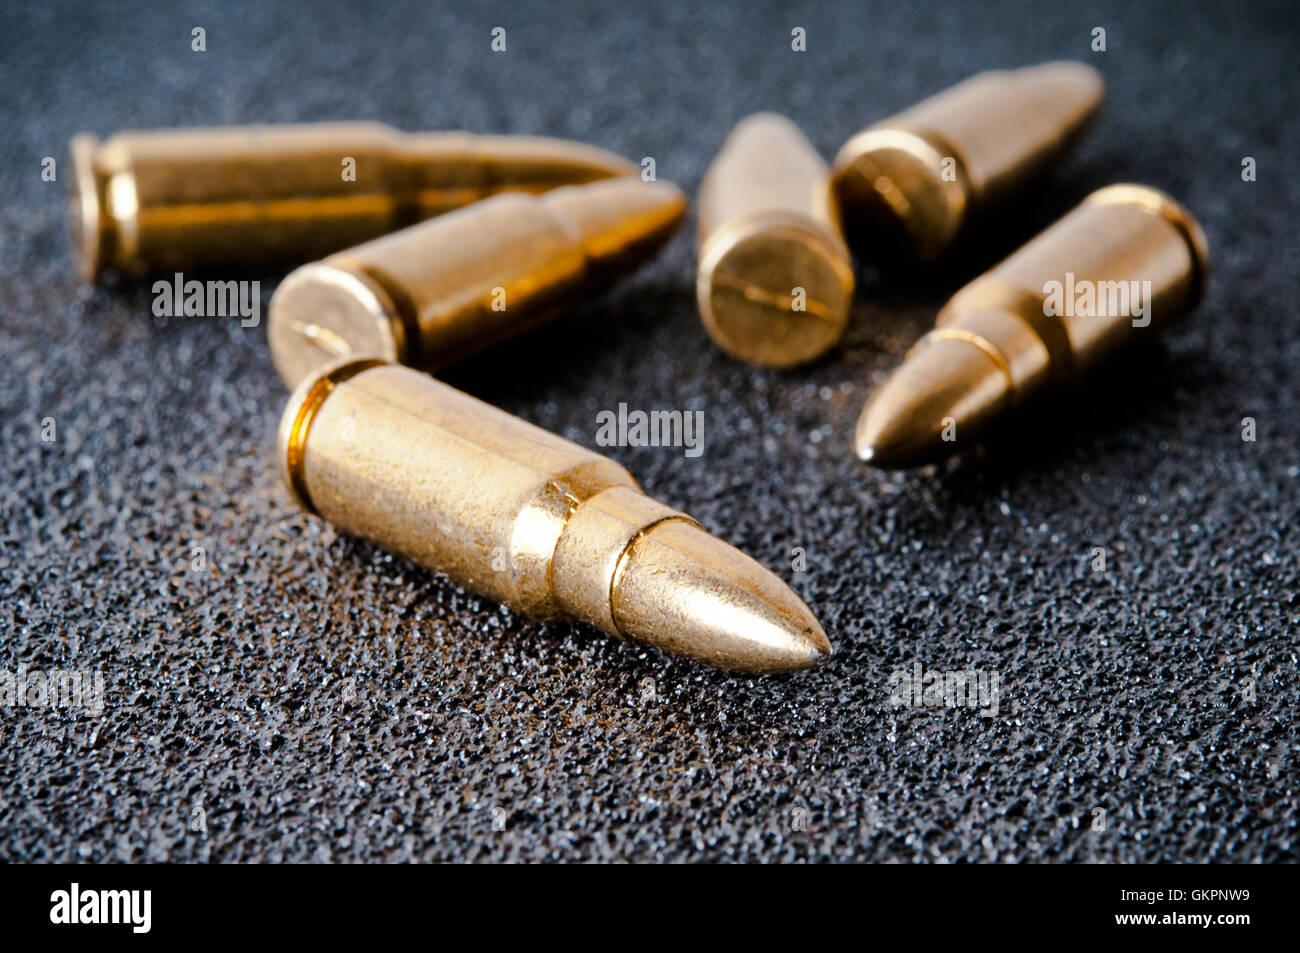 ammunition - Stock Image